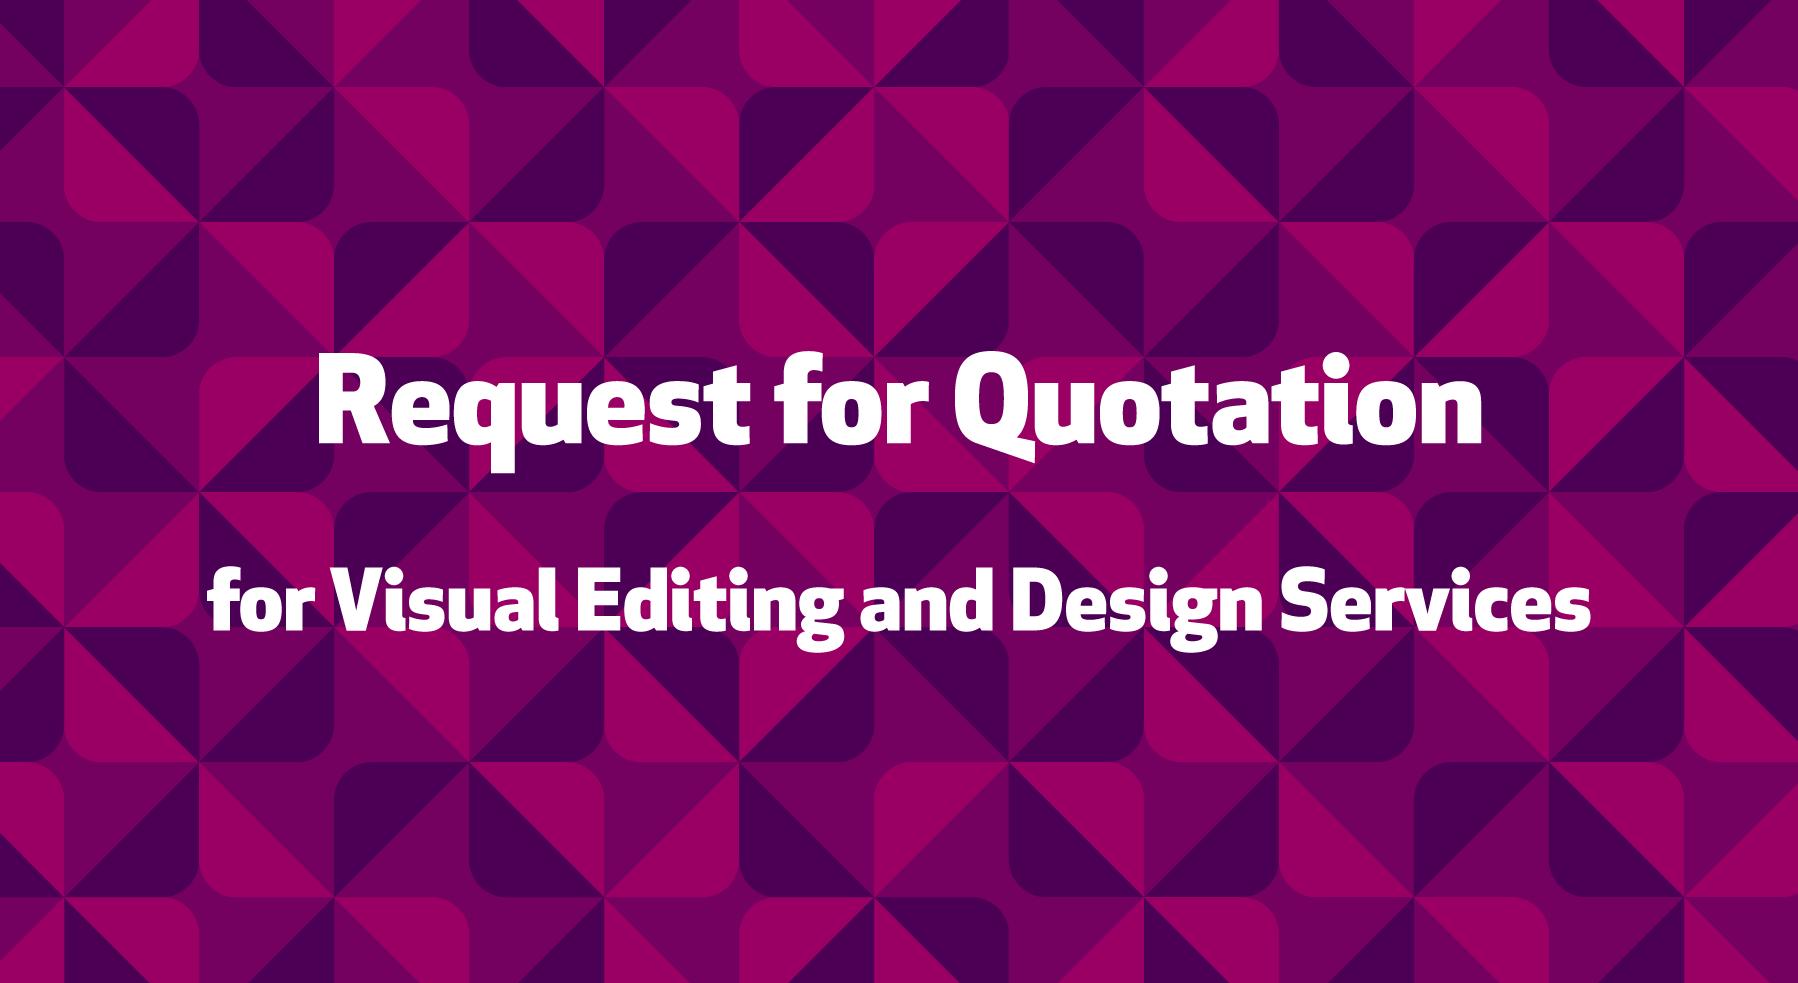 Запит цінової пропозиції (RFQ) на надання послуг з візуального редагування та дизайну для організації Pact Inc